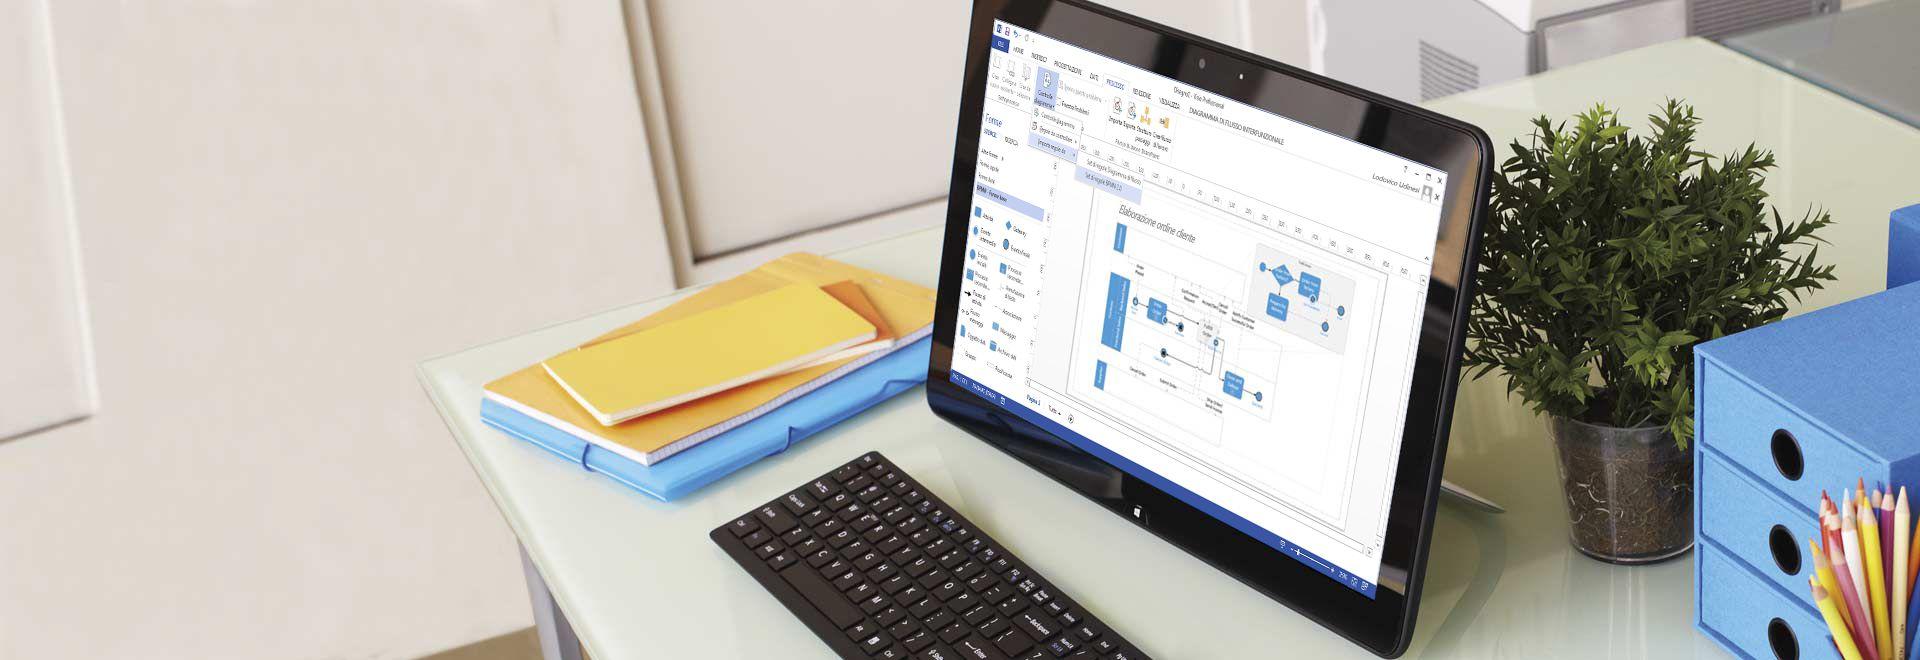 Scrivania con un tablet che visualizza un diagramma di processo in Visio Professional 2016